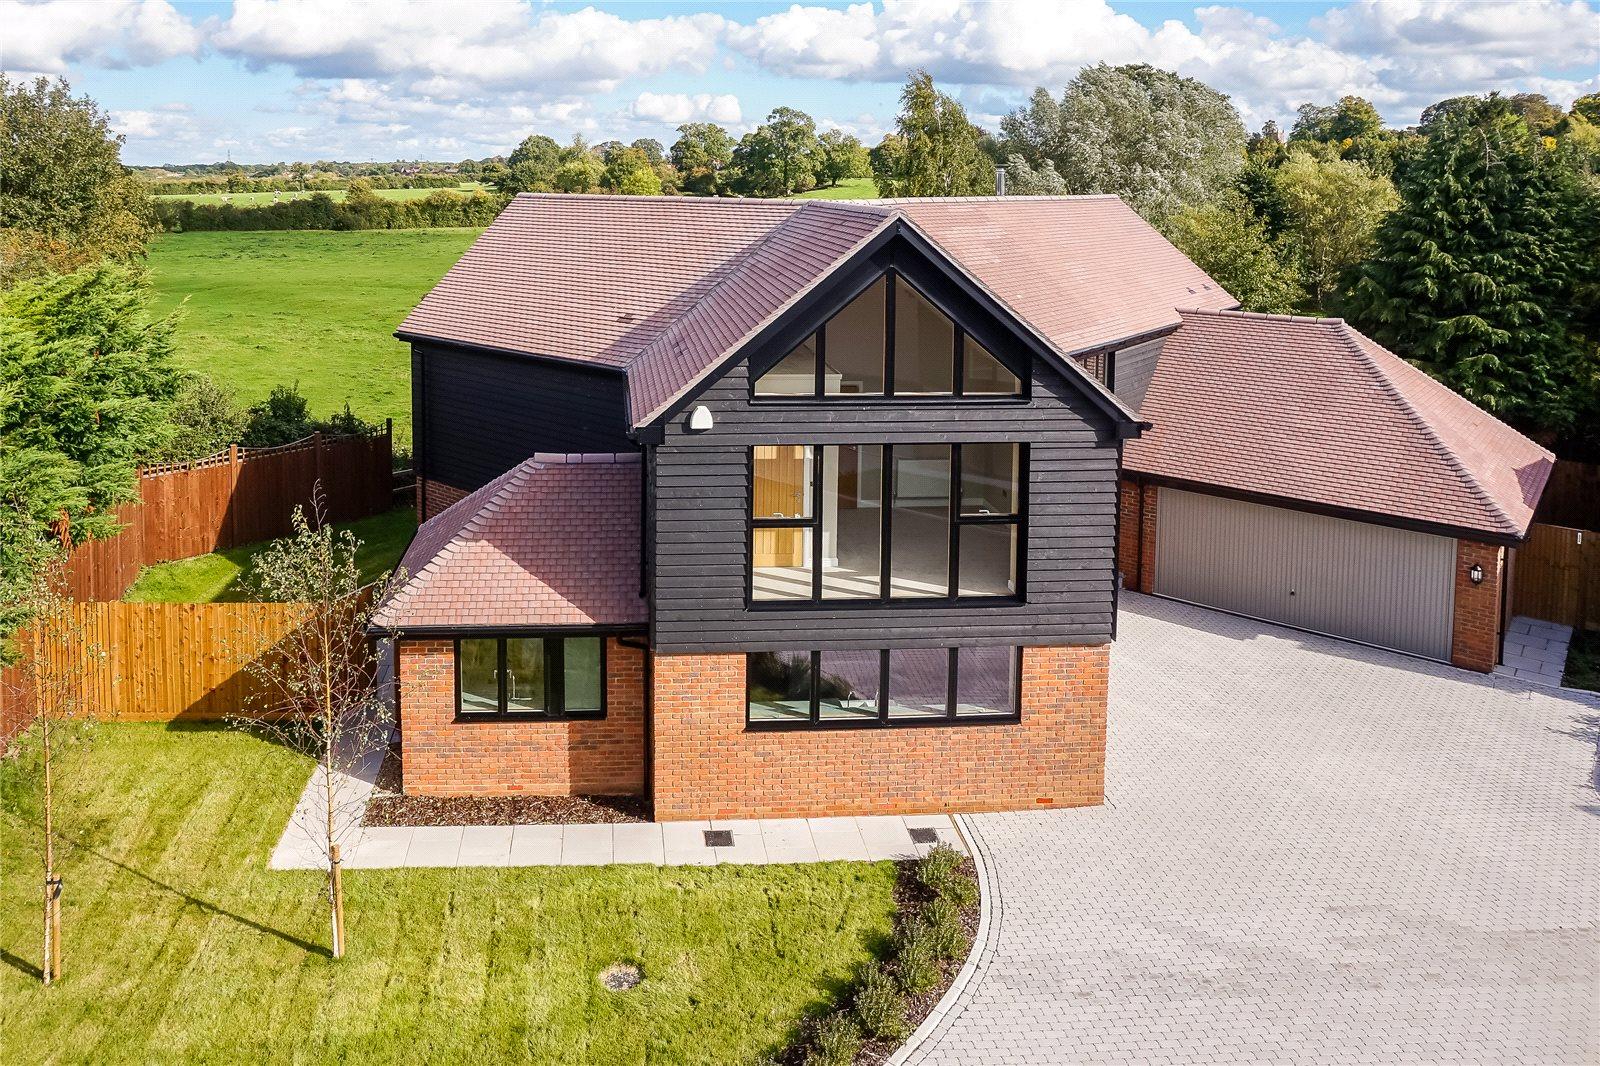 Maison unifamiliale pour l Vente à Dunleys Hill, Odiham, Hook, Hampshire, RG29 Hook, Angleterre